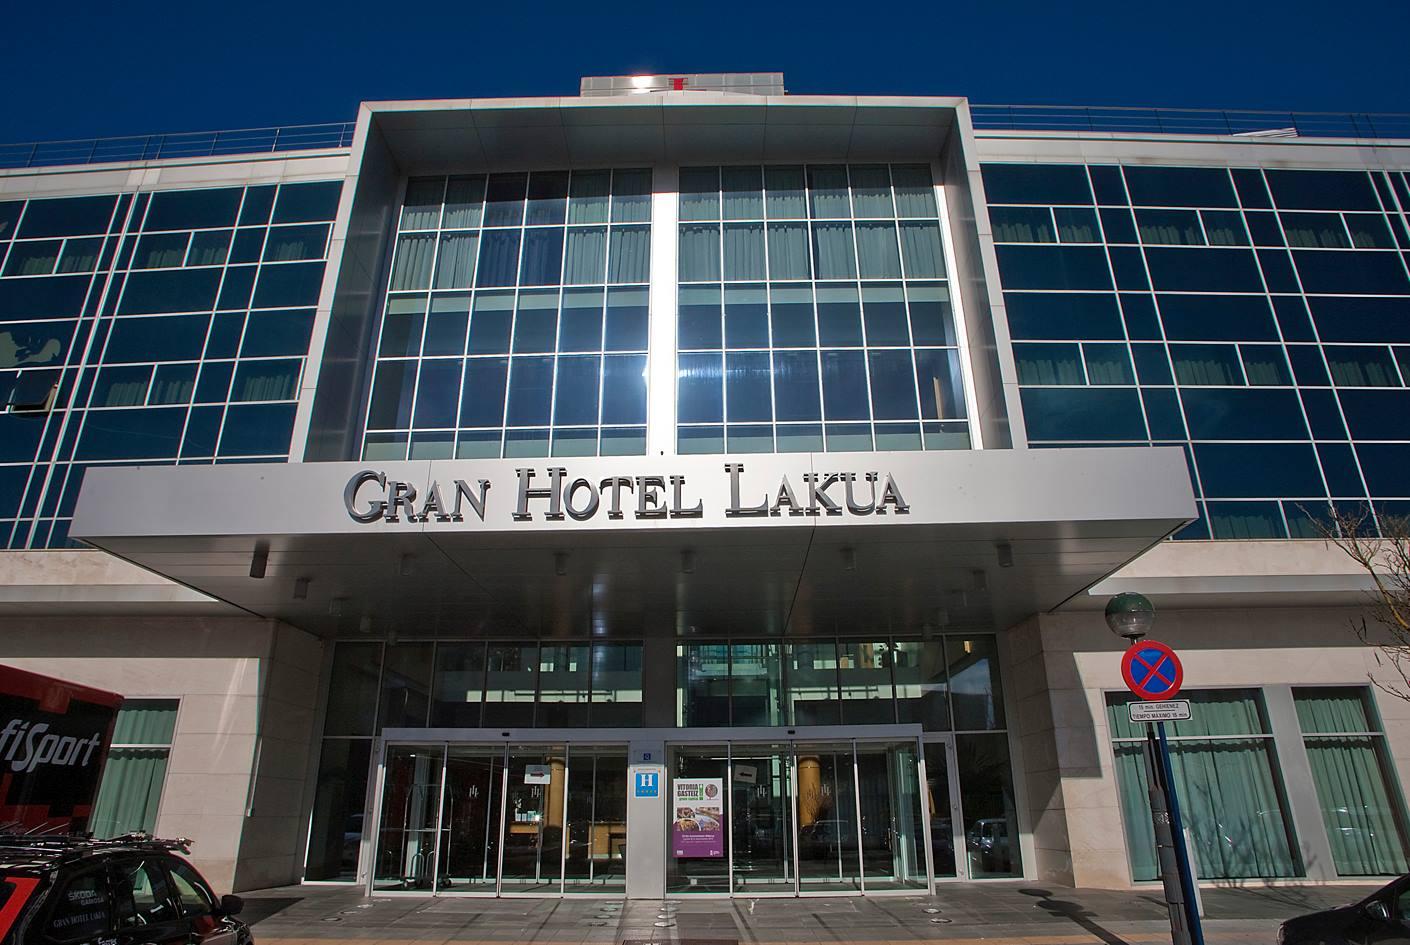 La fachada principal y puerta de entrada del Gran Hotel Lakua